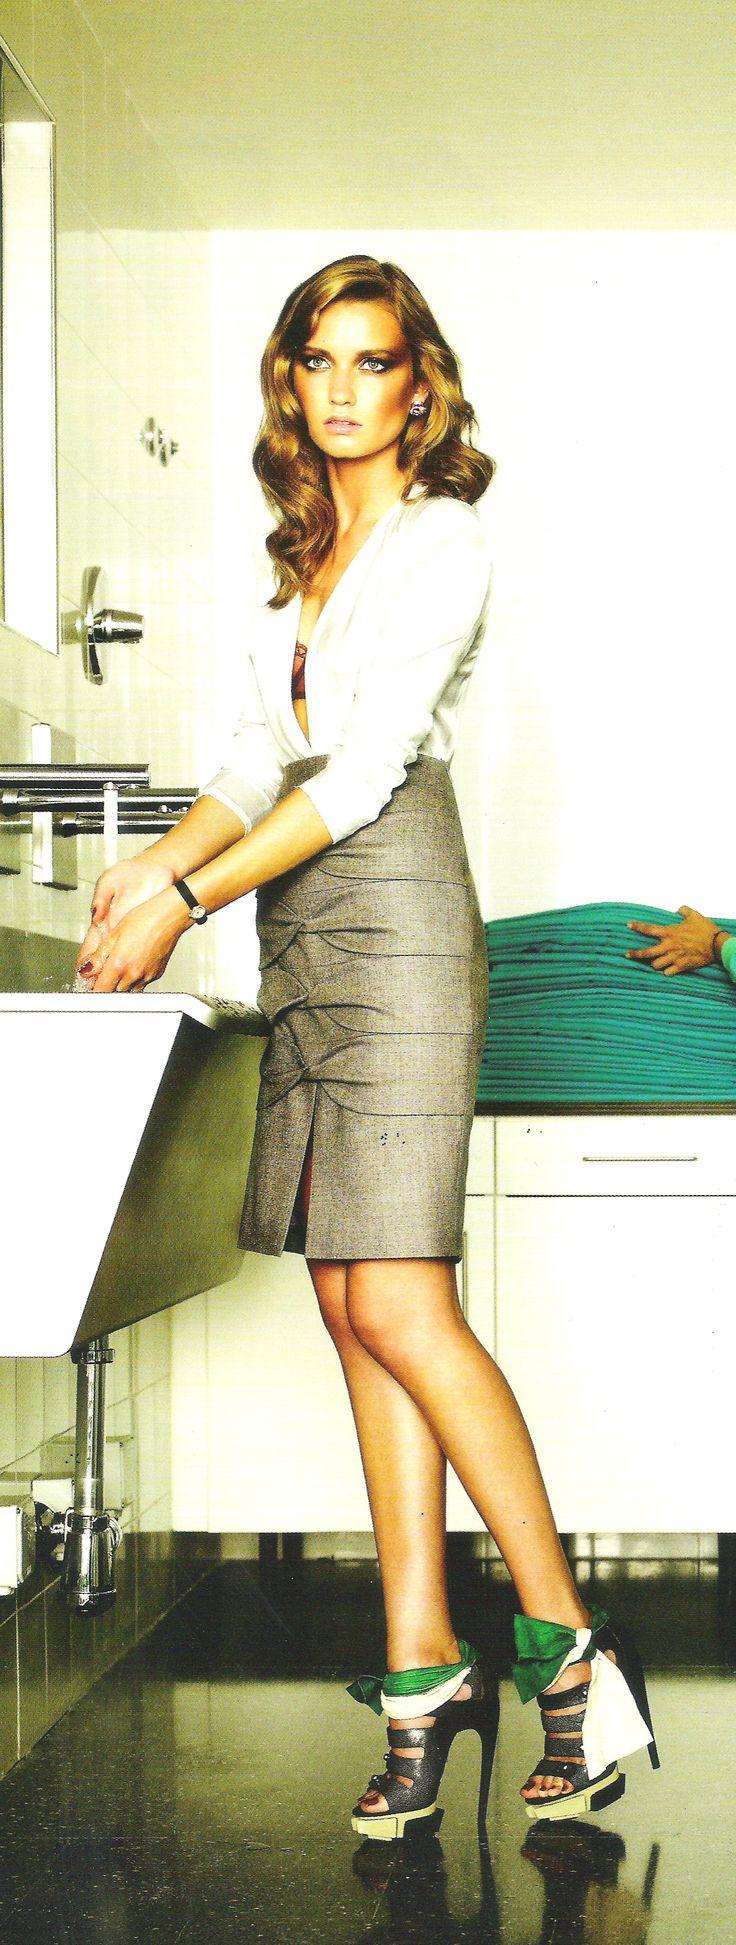 Blusa de satén con hombreras de Balmain, falda con lazos y abertura de Escada y sandalias de plataforma y lazos de satén de Balenciaga. Imagen de VOGUE ESPAÑA.